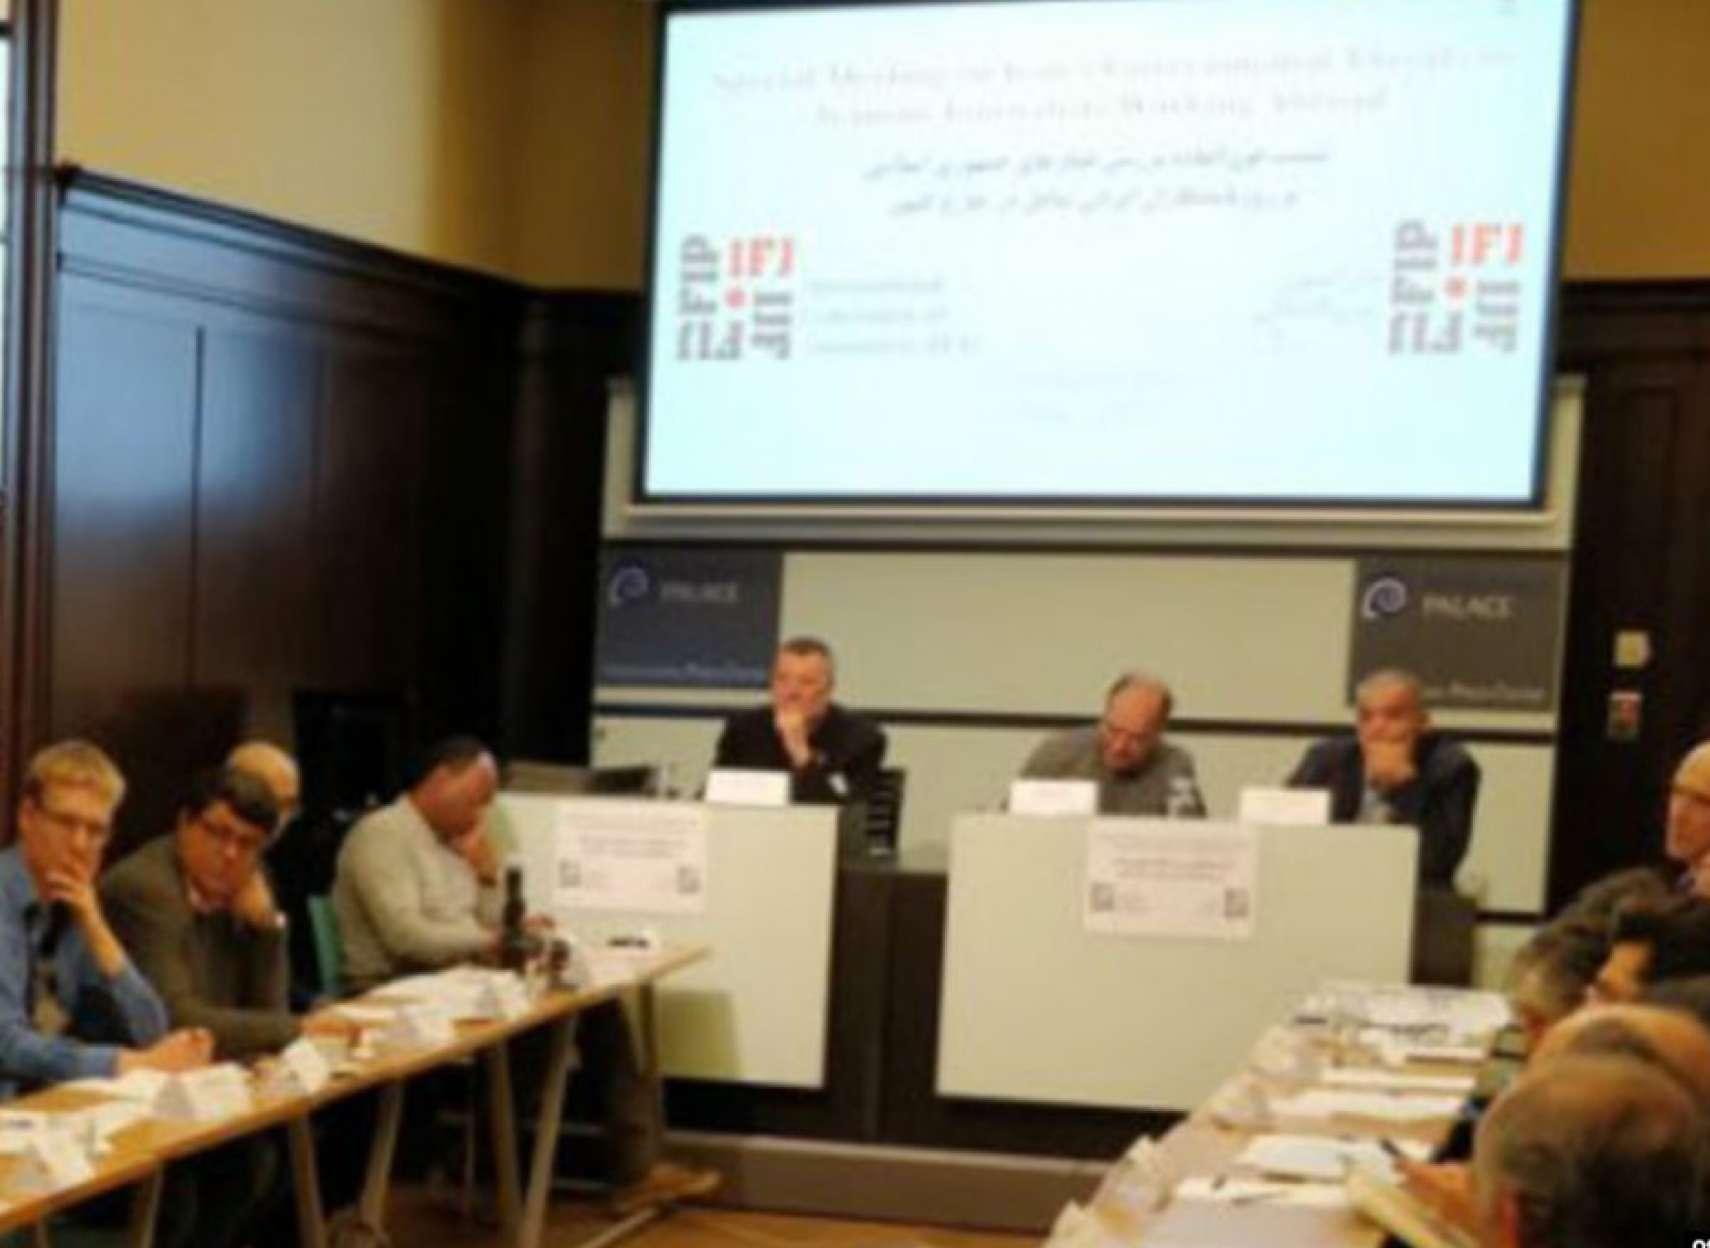 اقتصاد-تنباکویی-قصد-فدراسیون-بینالمللی-روزنامهنگاران-برای-شکایت